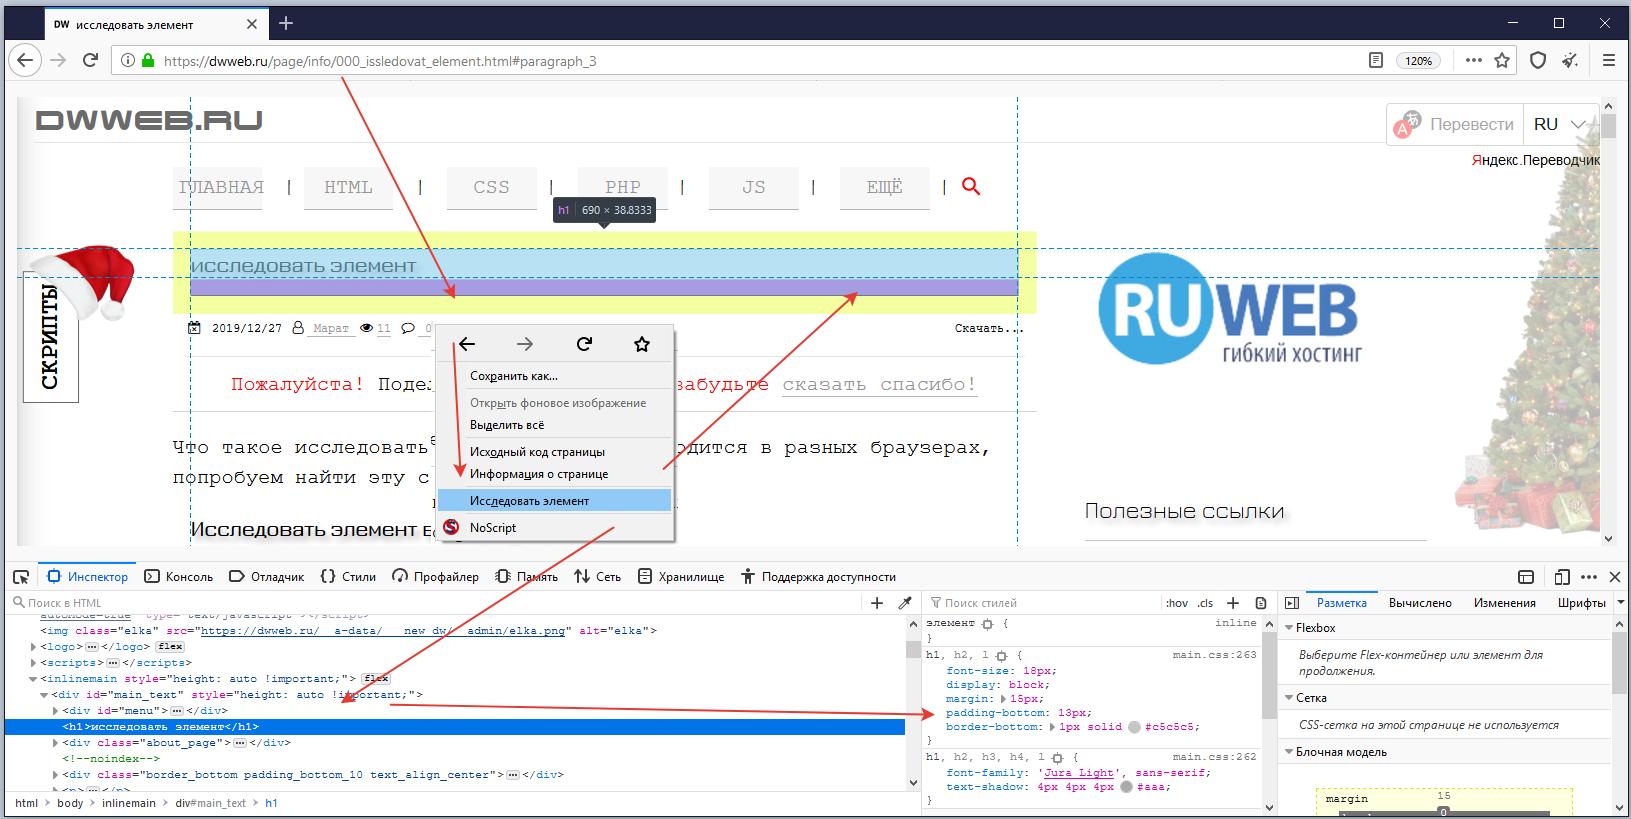 Как перевести сайт в браузере тор гирда скачать бесплатно с официального сайта tor browser bundle hydra